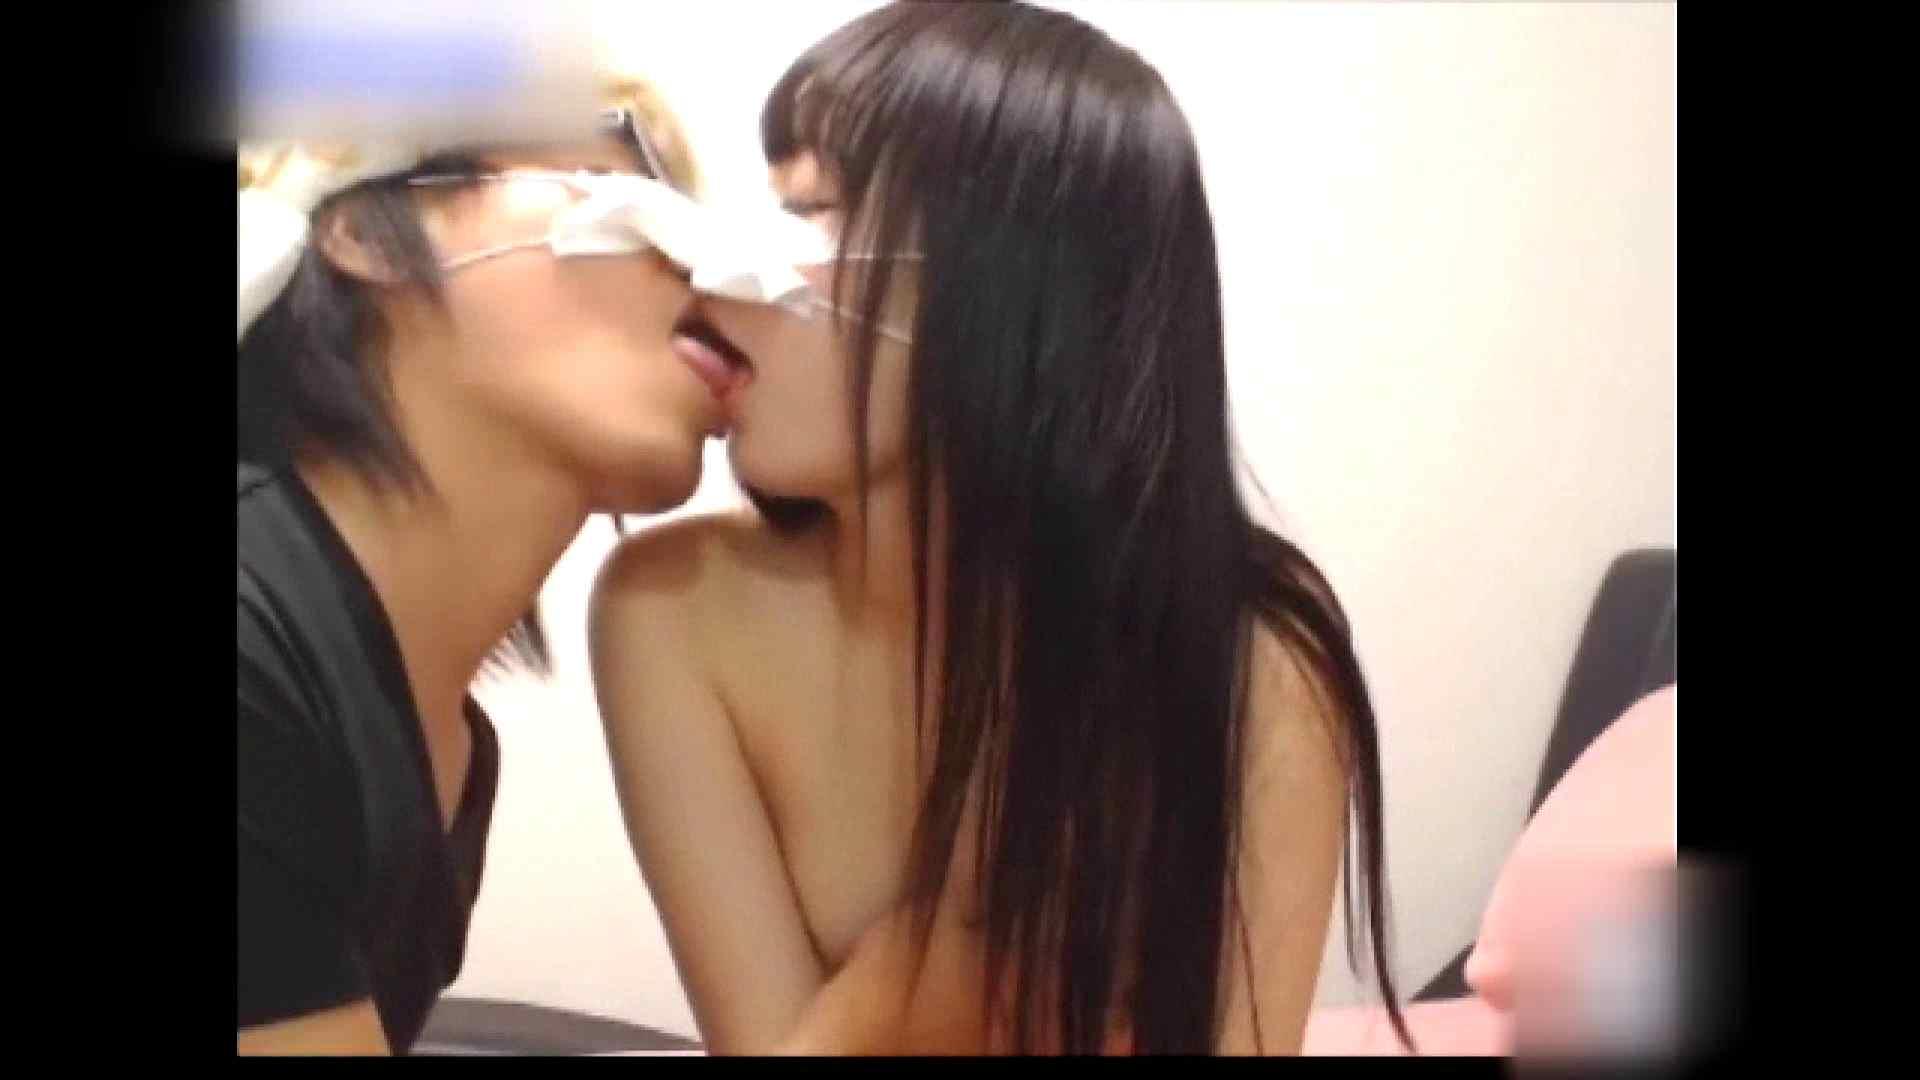 アッと驚くハメ五郎 Vol.04 美女ヌード天国 オマンコ無修正動画無料 80PIX 47